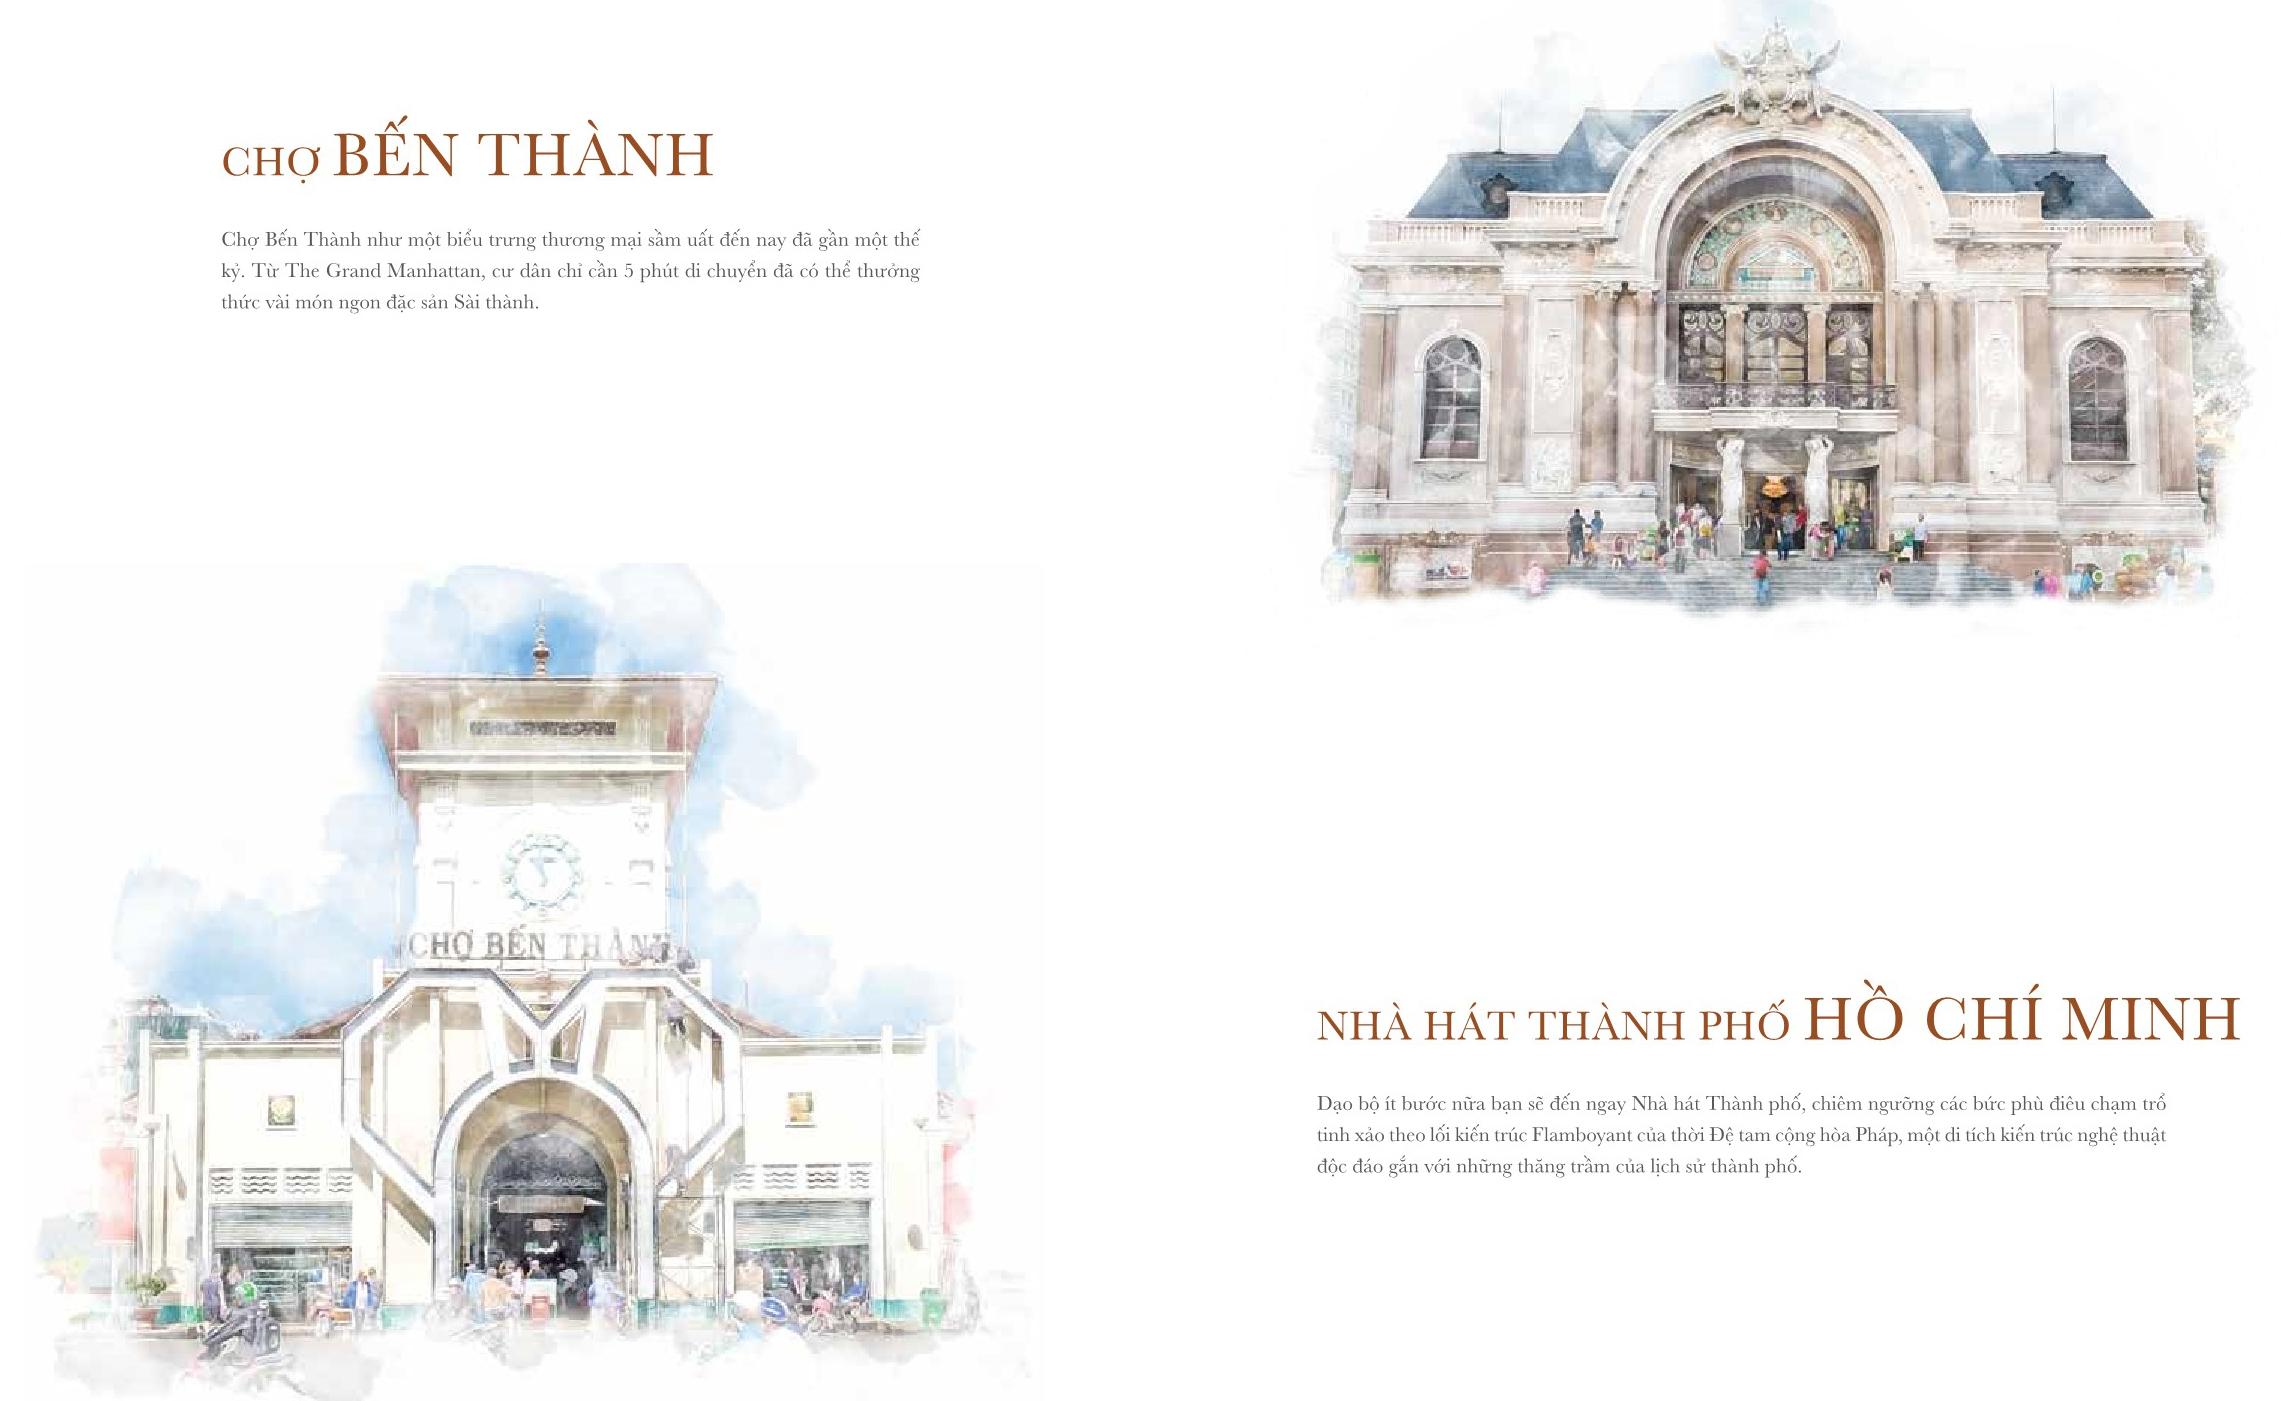 Chợ Bến Thành & Nhà hát TP. HCM